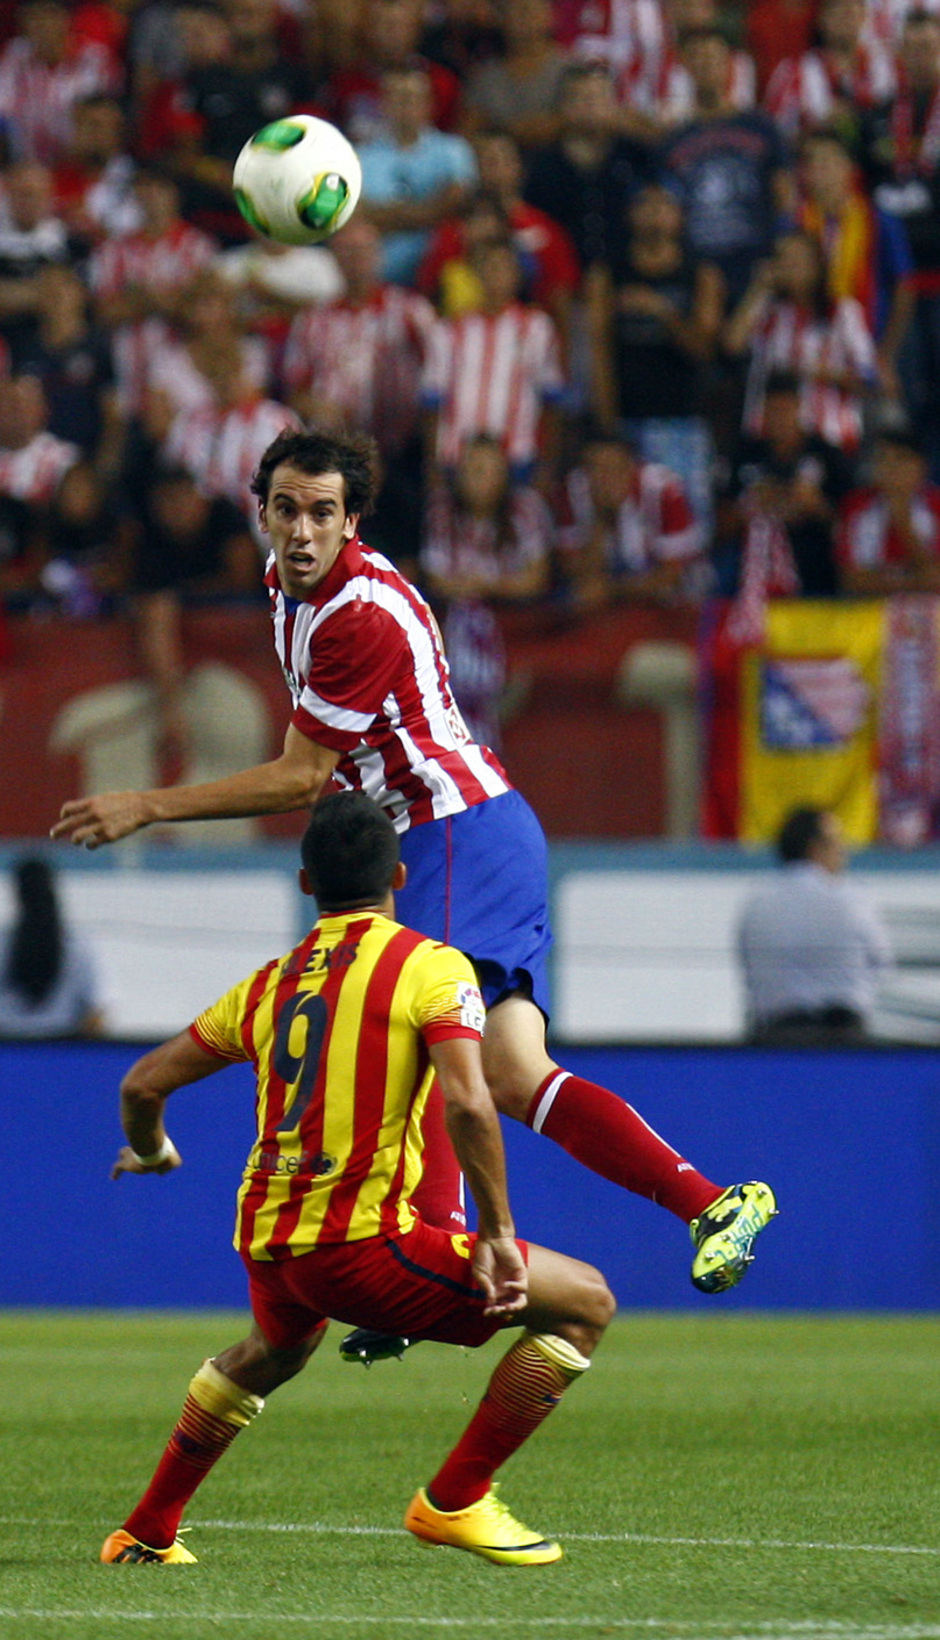 Temporada 13/14. Partido Supercopa. Vicente Calderón. Godín despejando de cabeza